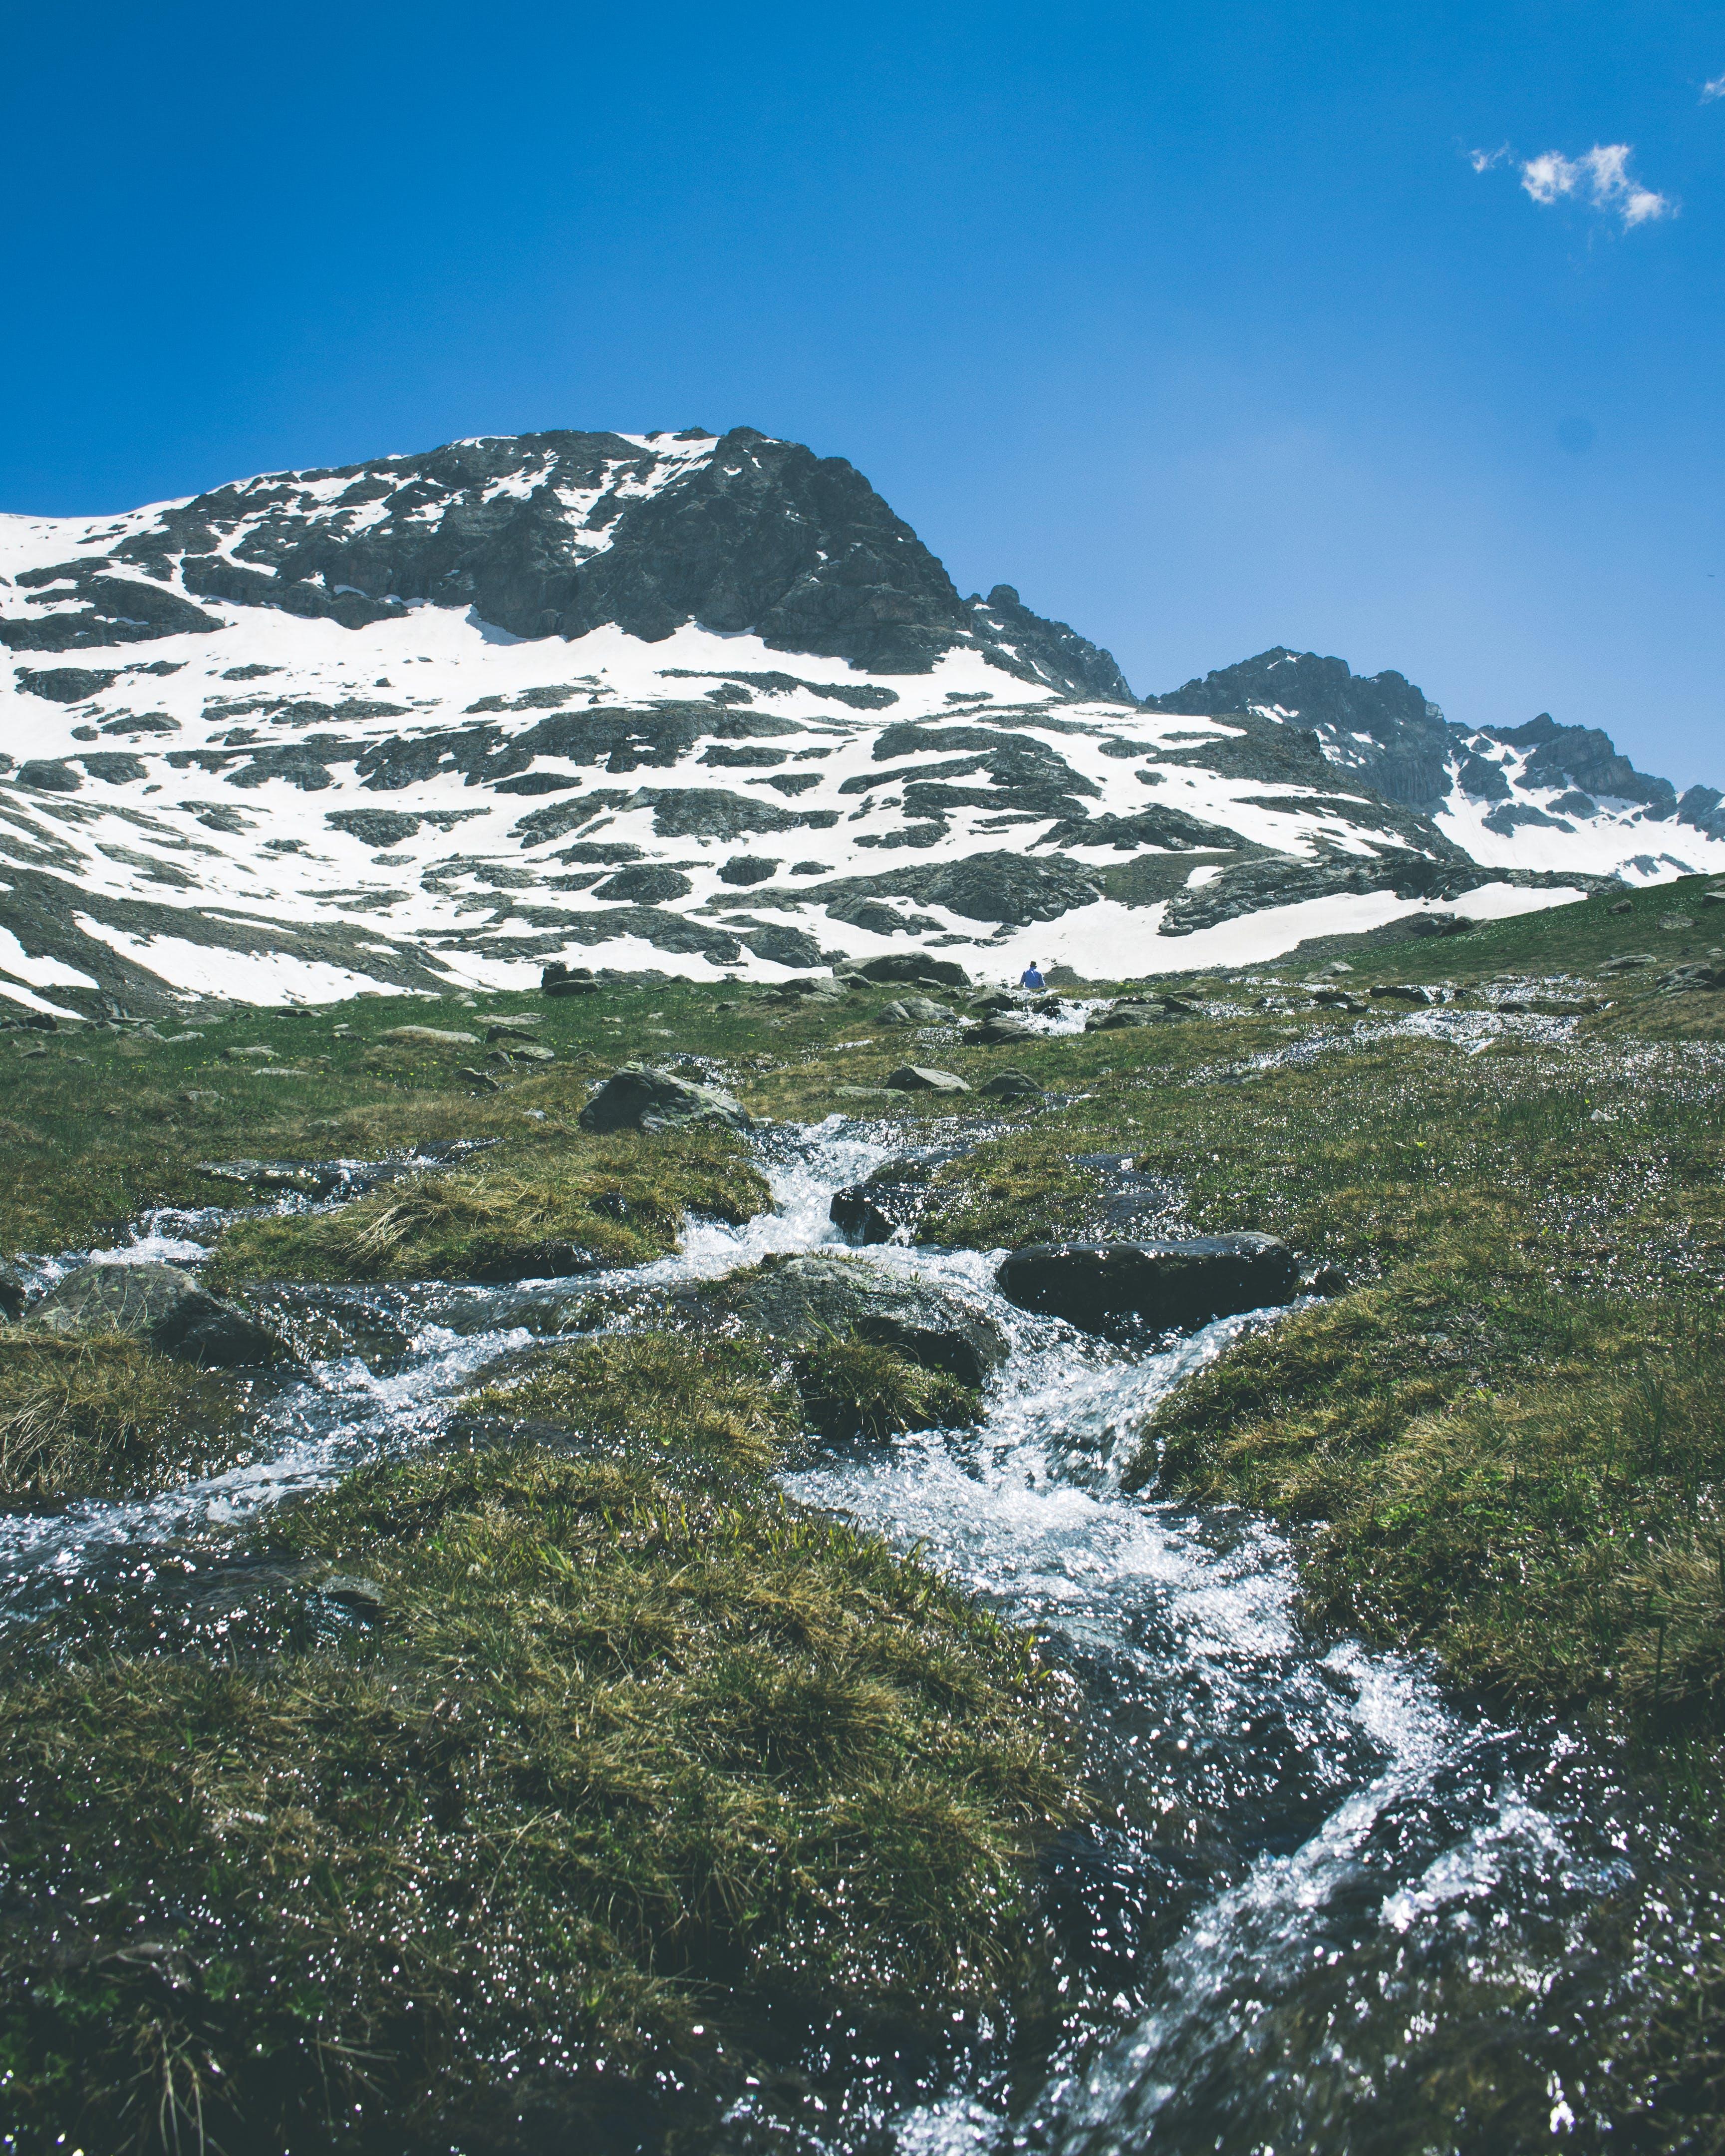 Gratis stockfoto met altitude, berg, bergtop, besneeuwd